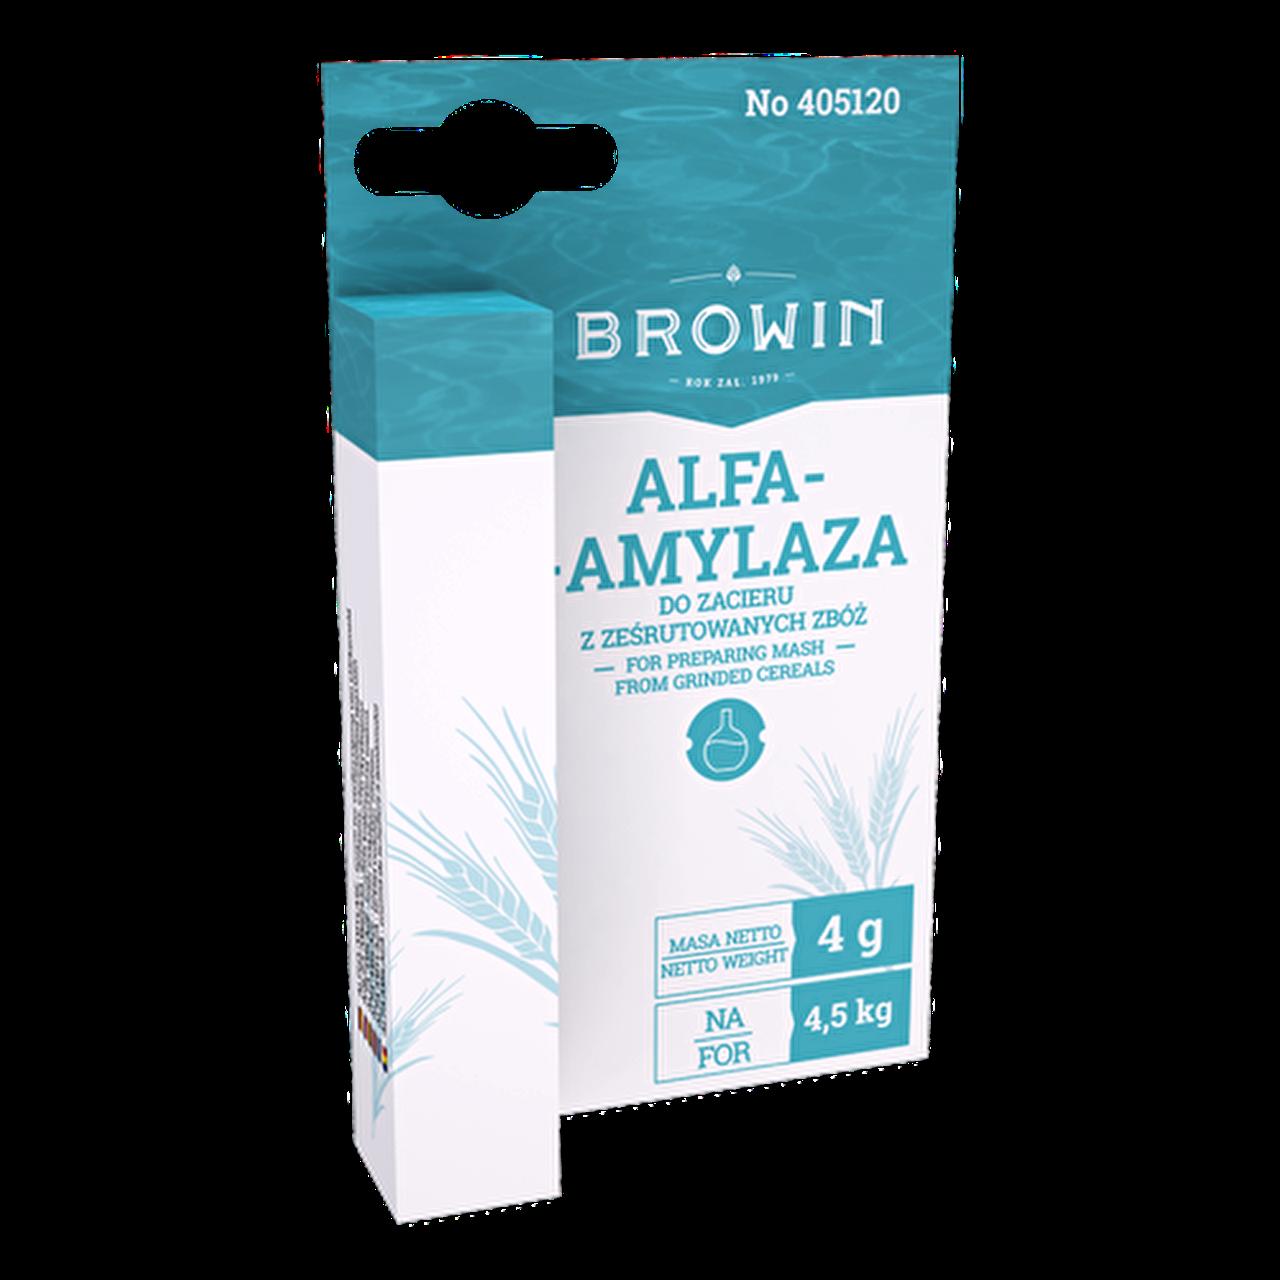 Энзим Альфа-амилаза, 4 гр, BIOWIN (Польша)